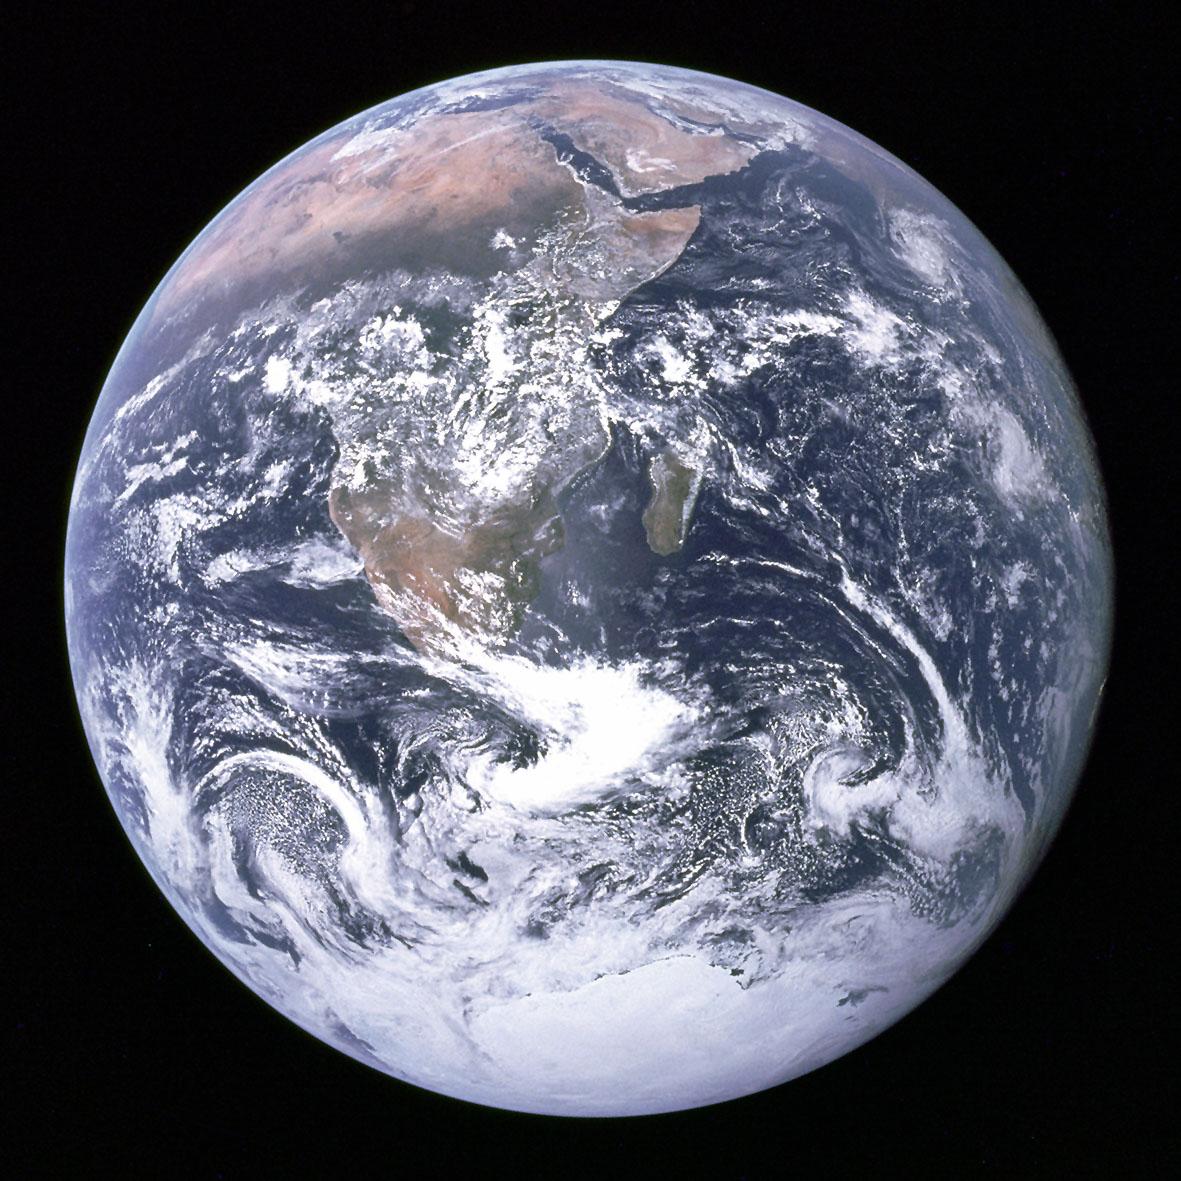 Der blaue Planet aus Kosmos: Dieses Bild der Erde wurde von den Astronauten aus der ISS aufgenommen. Foto: djd/National Geografic Channel/NASA